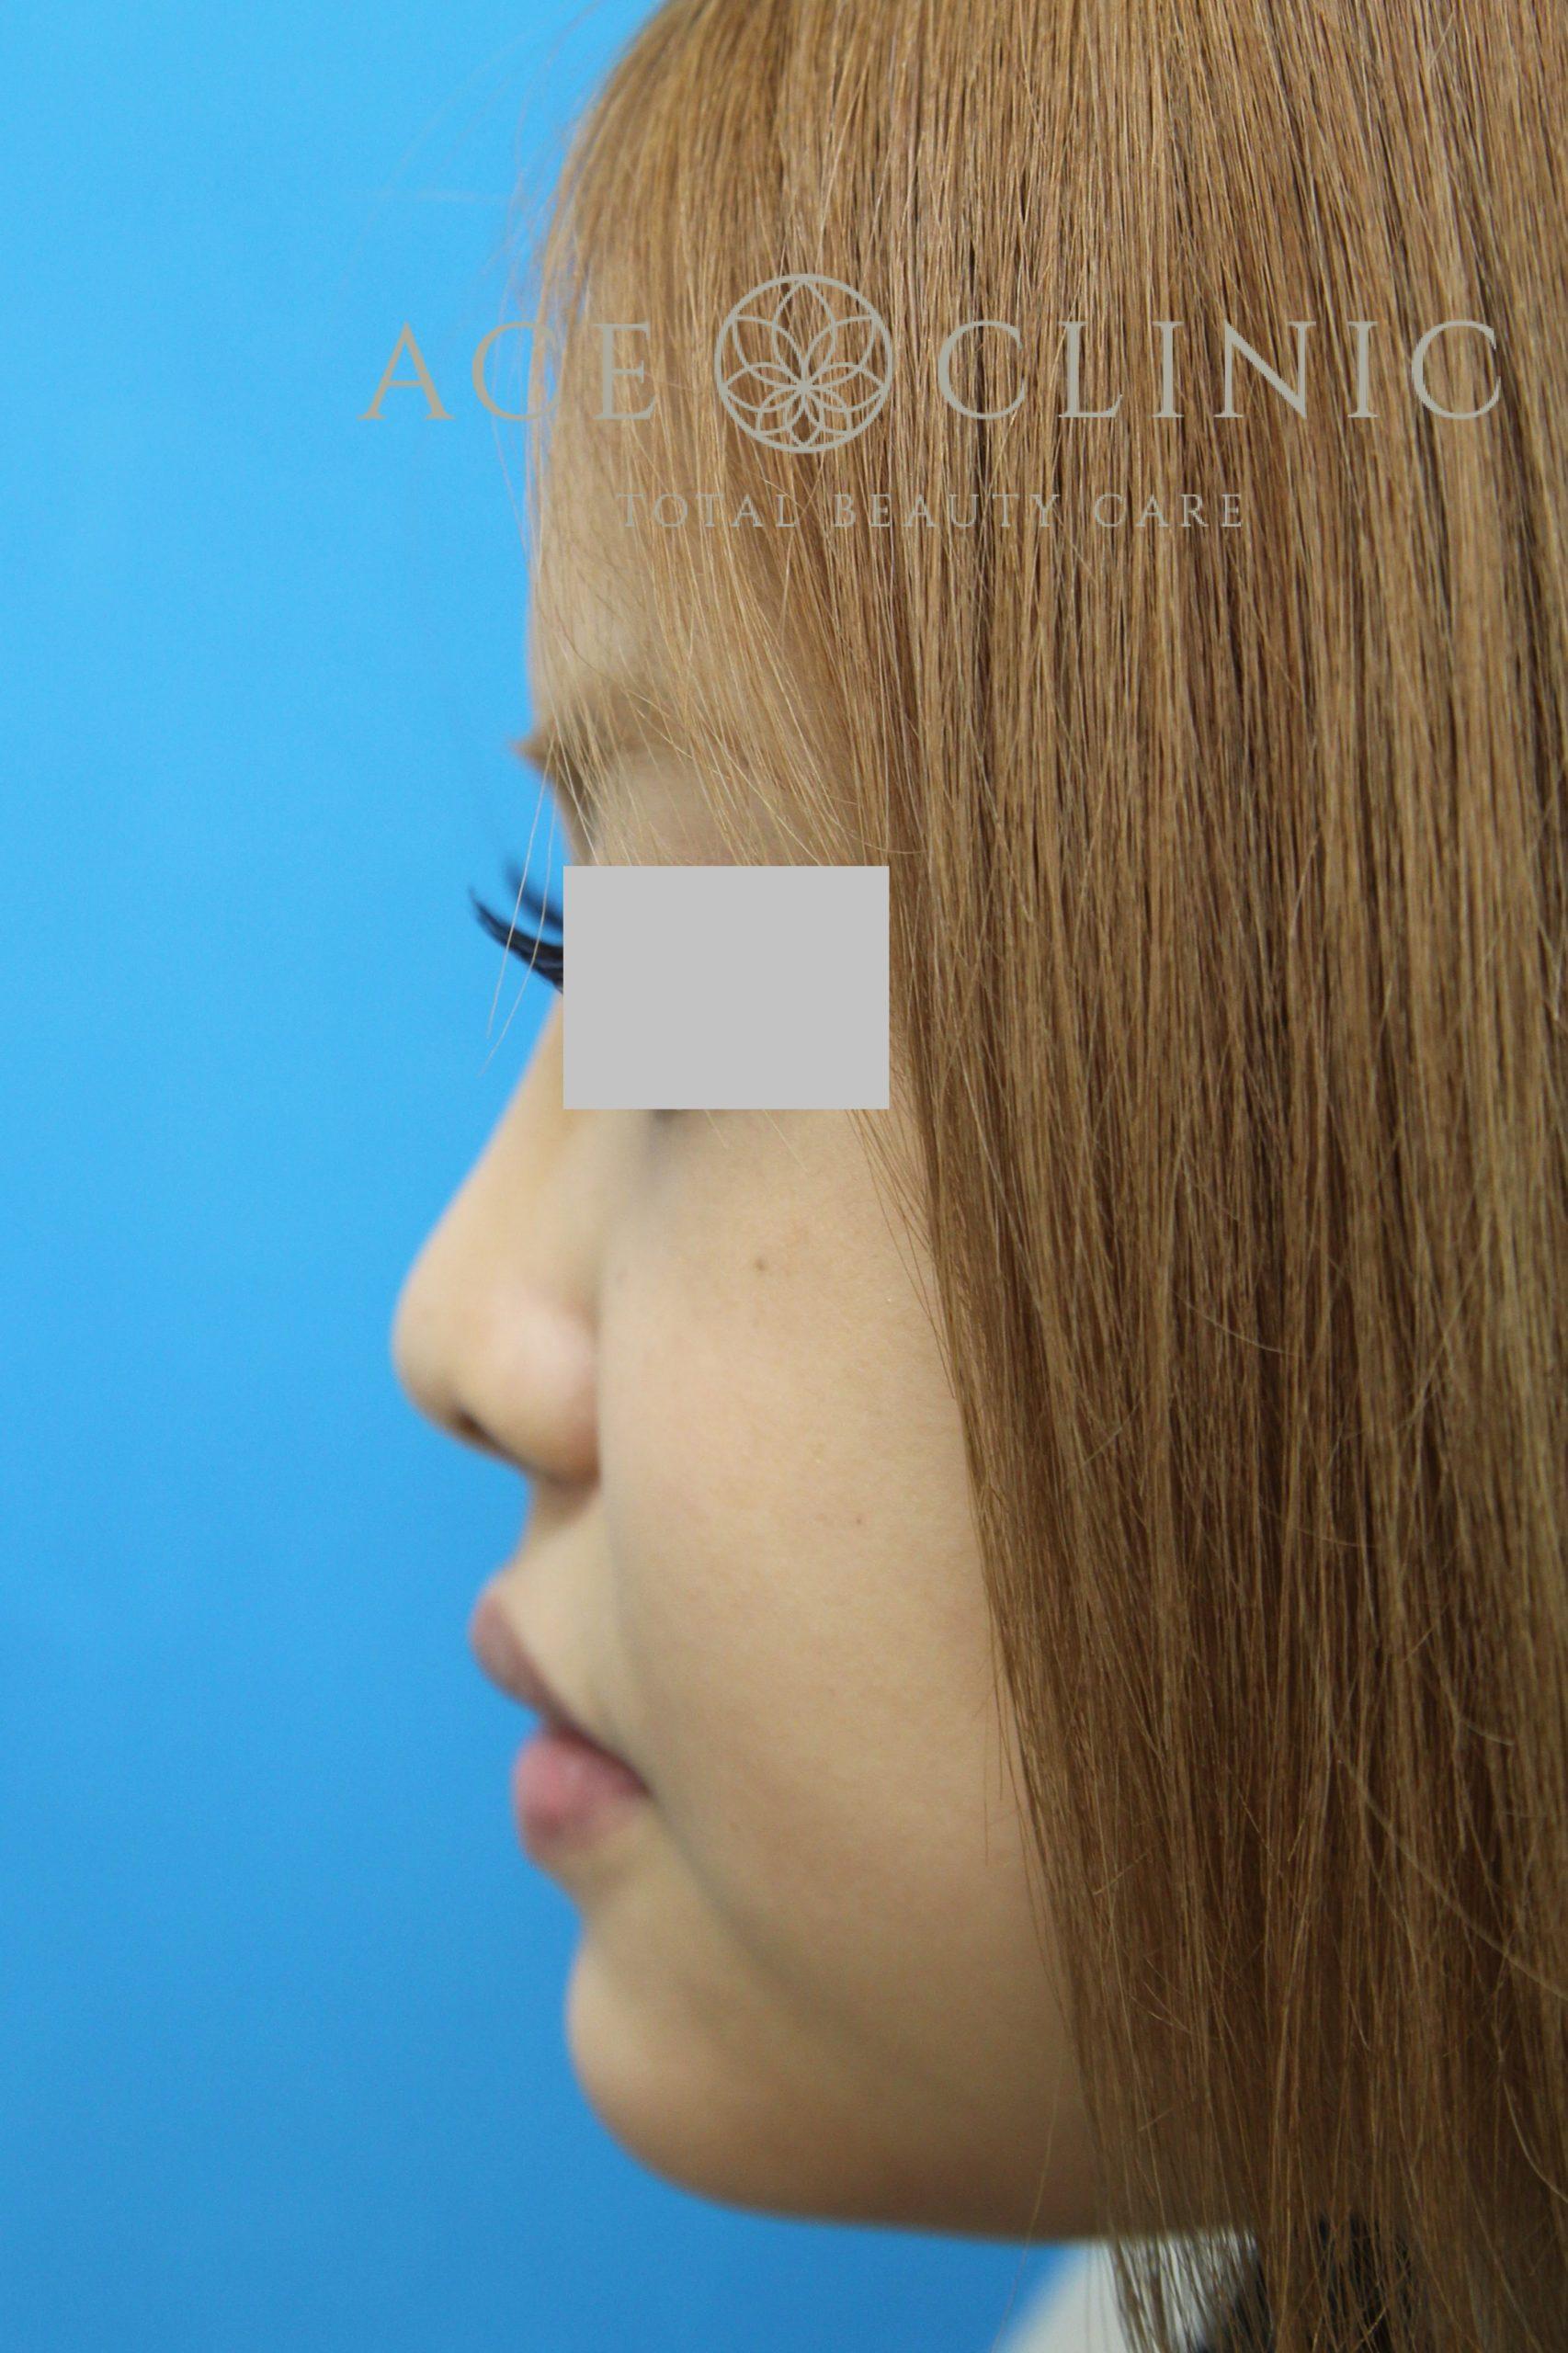 あご形成(シリコンプロテーゼ) 20代女性 術後 横